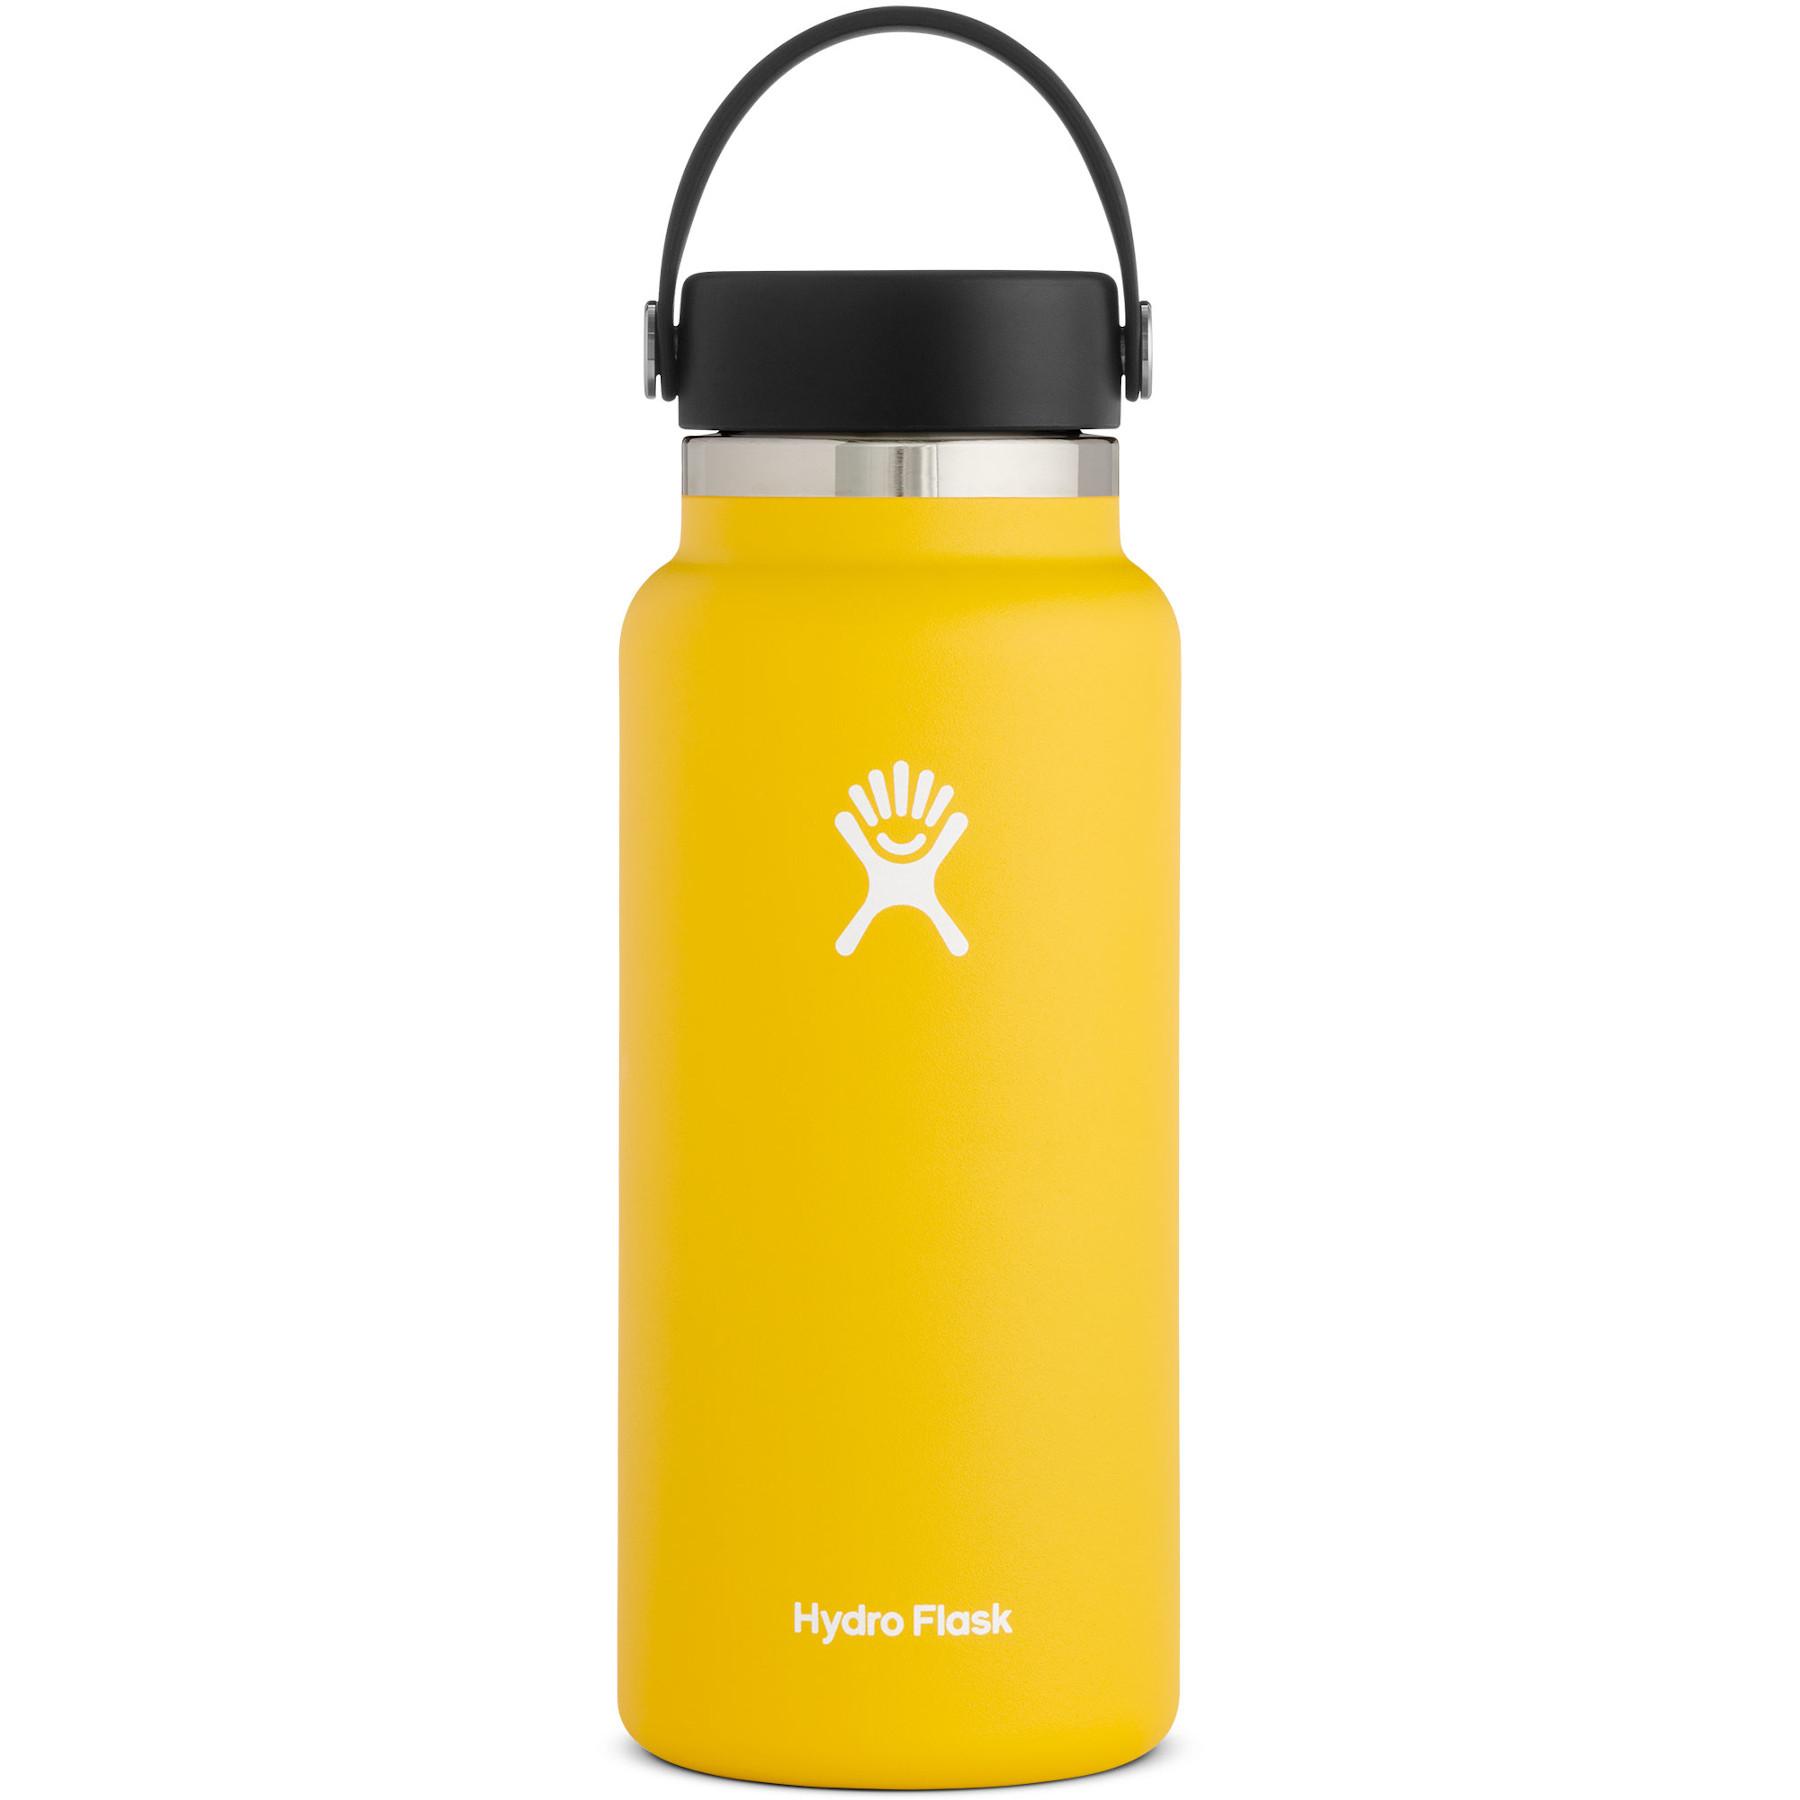 Produktbild von Hydro Flask 32 oz Wide Mouth mit Flex Cap 2.0 Thermoflasche 946 ml - Sunflower